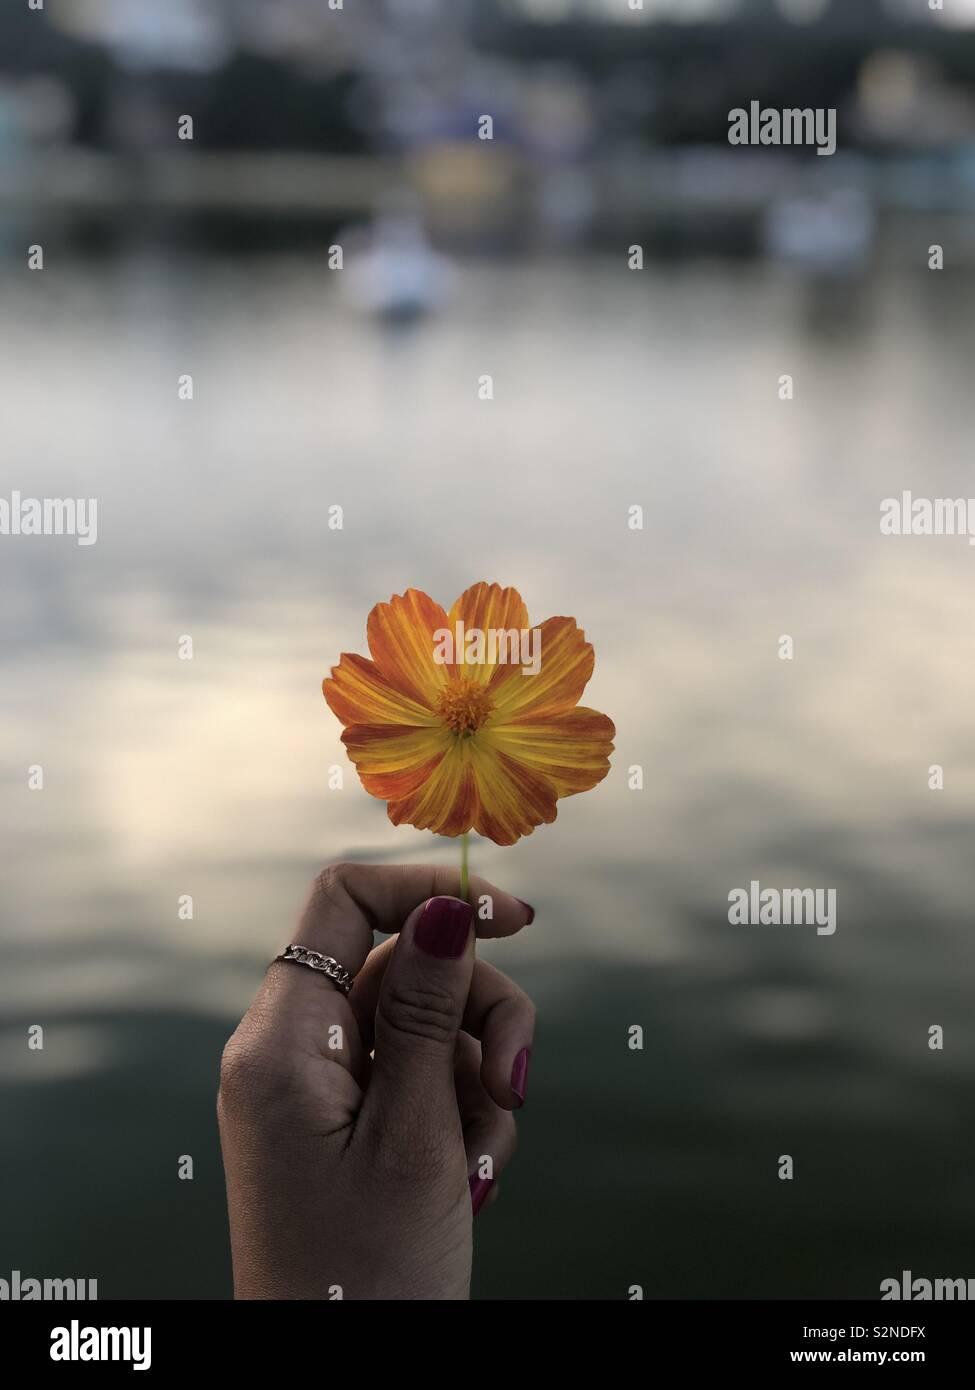 Natureza refletida nas cores de uma flor Stock Photo